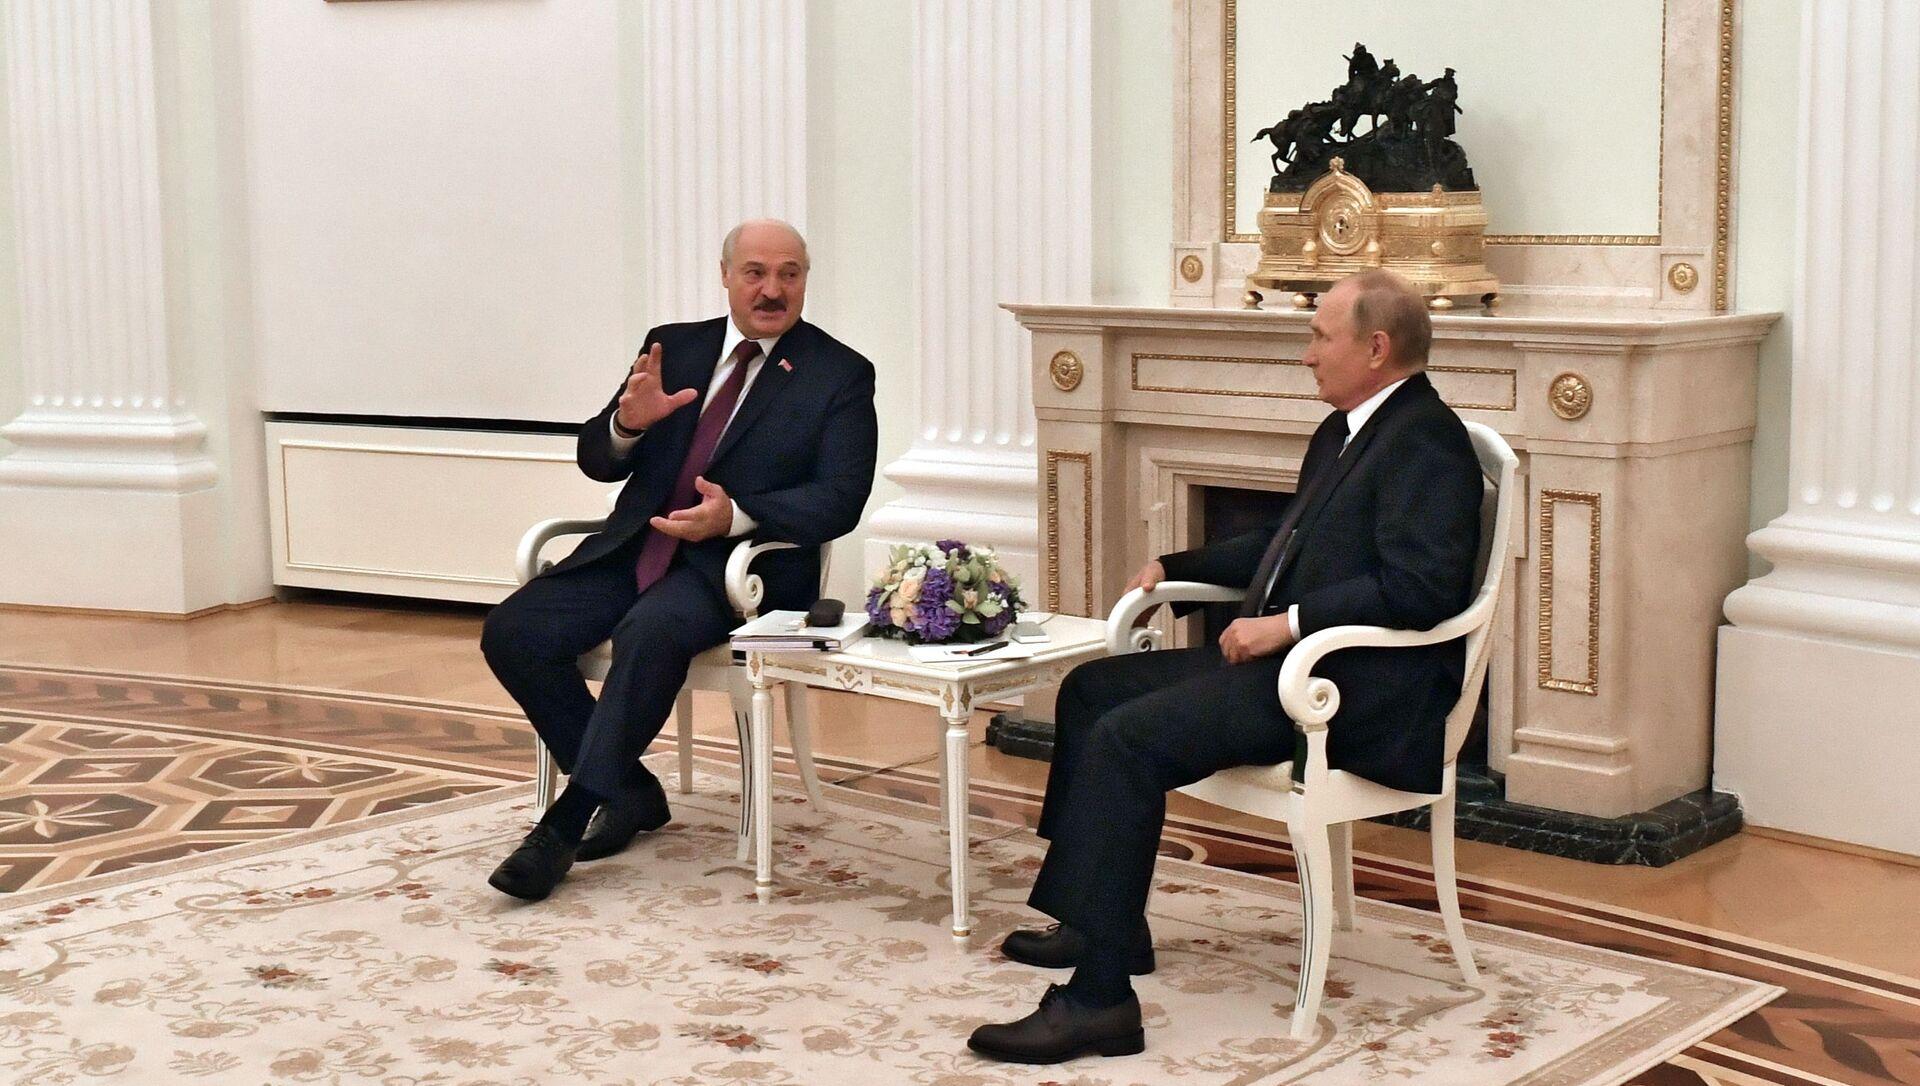 Переговоры президента РФ В. Путина с президентом Белоруссии А. Лукашенко - Sputnik Абхазия, 1920, 12.09.2021